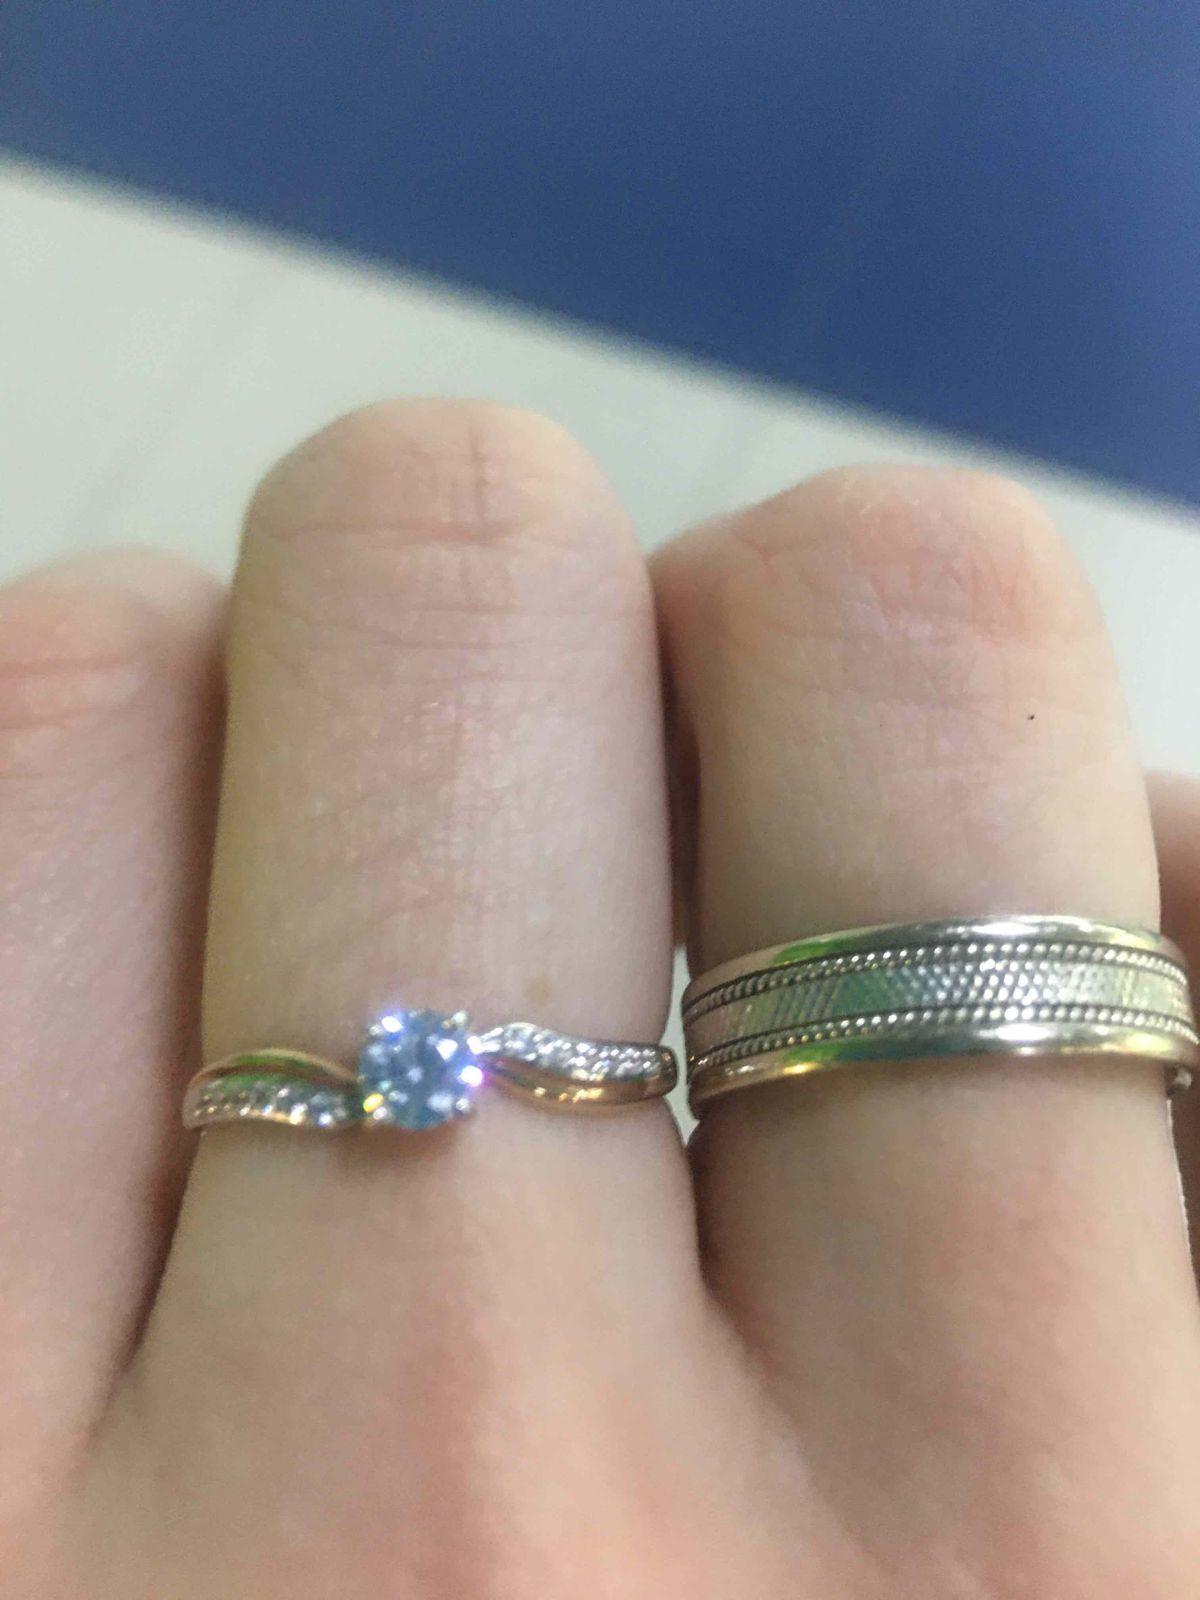 Покупка кольца в подарок и подарок от санлайт ( подвеска) :)